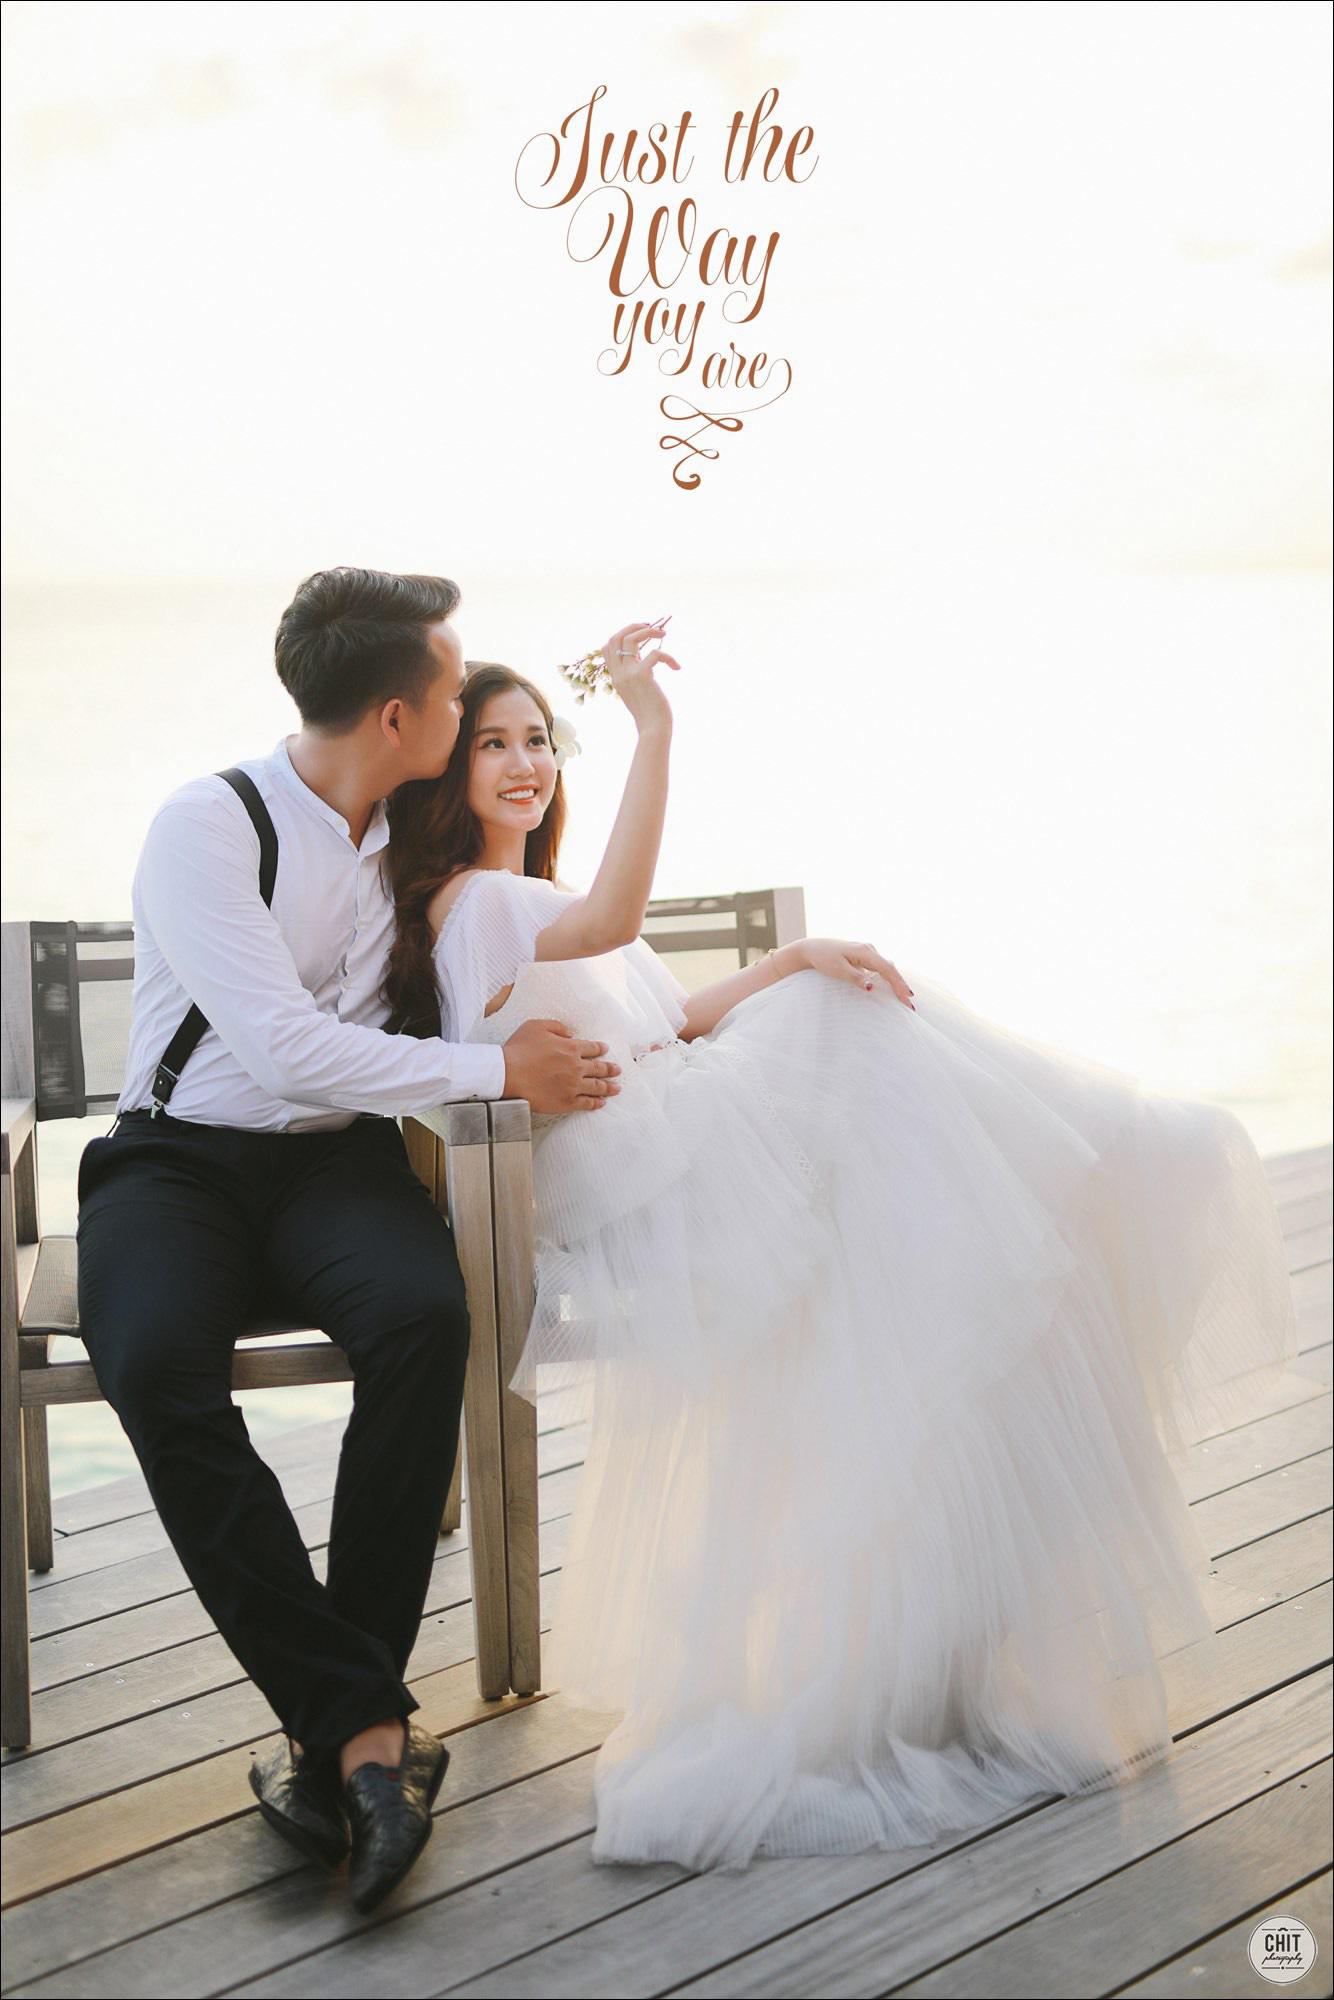 Bộ ảnh cưới 4 mùa bên nhau và cái kết viên mãn của 9 năm thanh xuân - Ảnh 5.